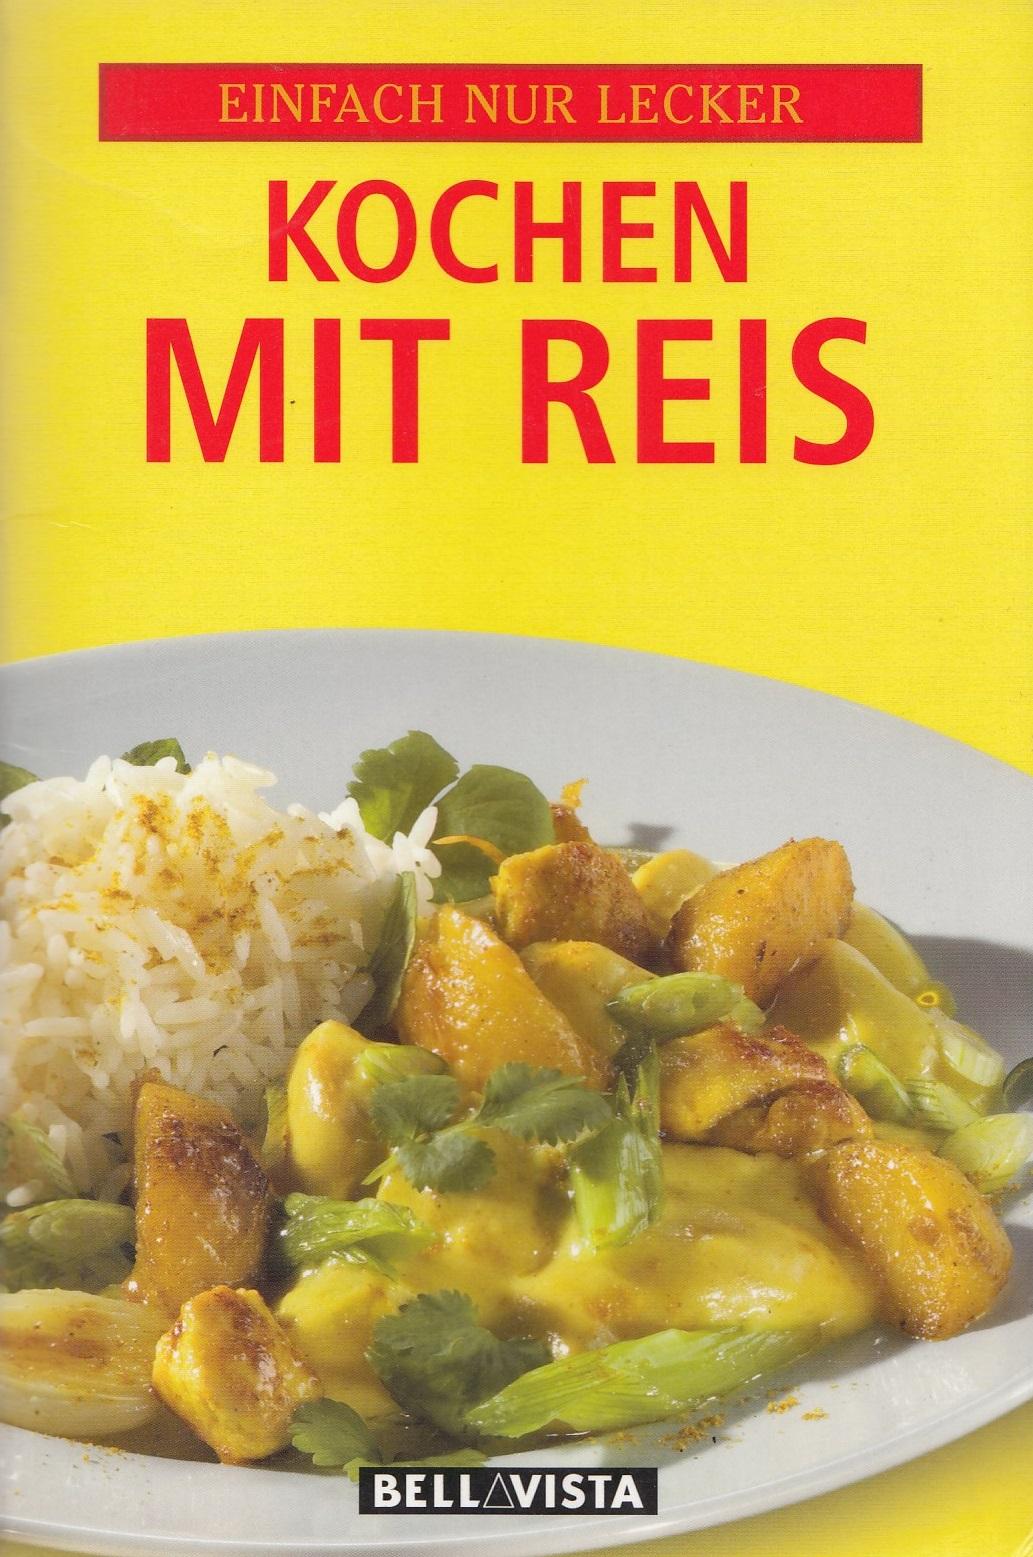 Einfach nur lecker: Kochen mit Reis [Broschiert]